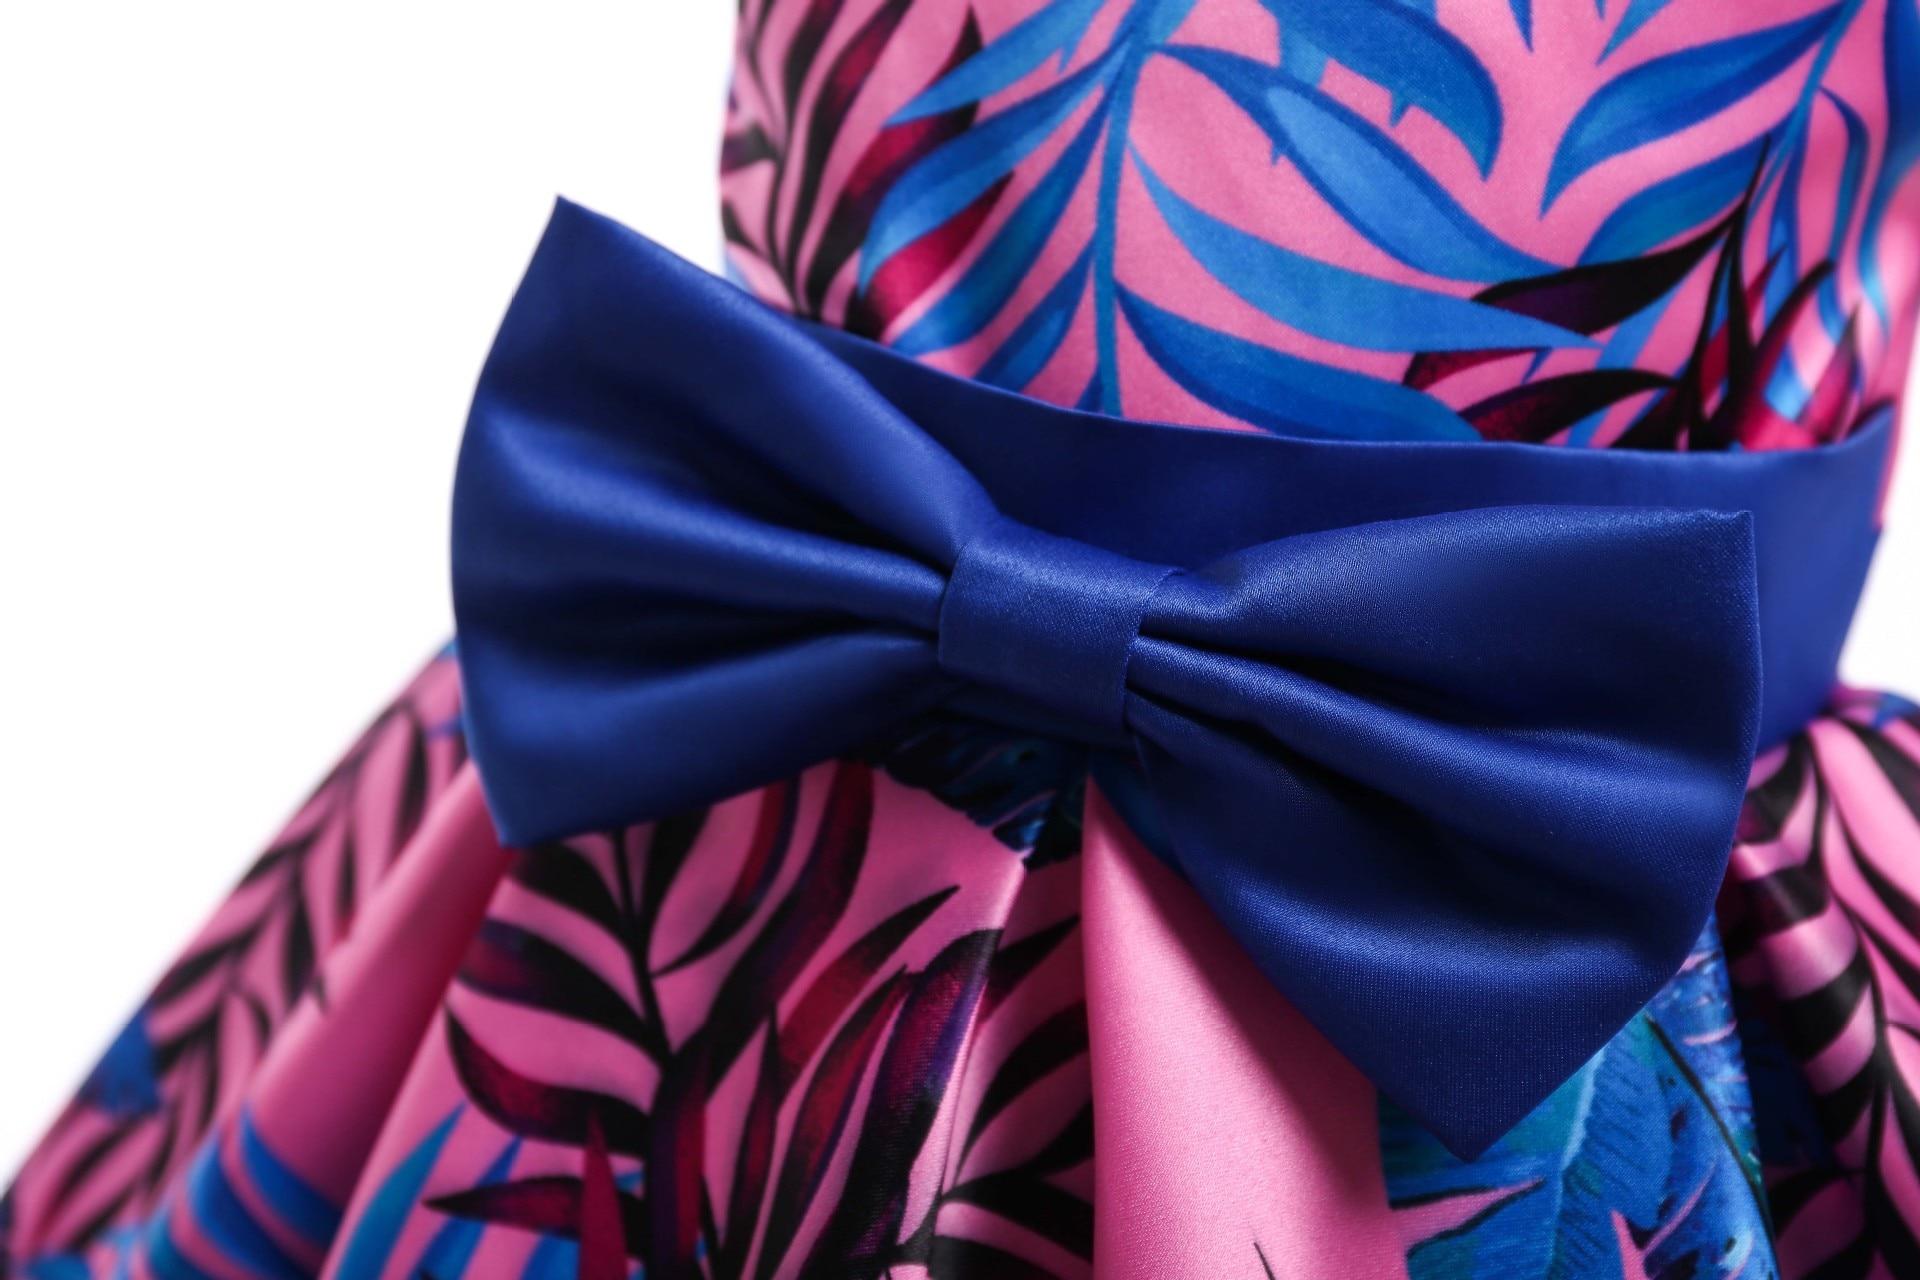 HIBYHOBY 2018 New Girl Formalne Wesele Sukienki Dzieci Princess - Ubrania dziecięce - Zdjęcie 5